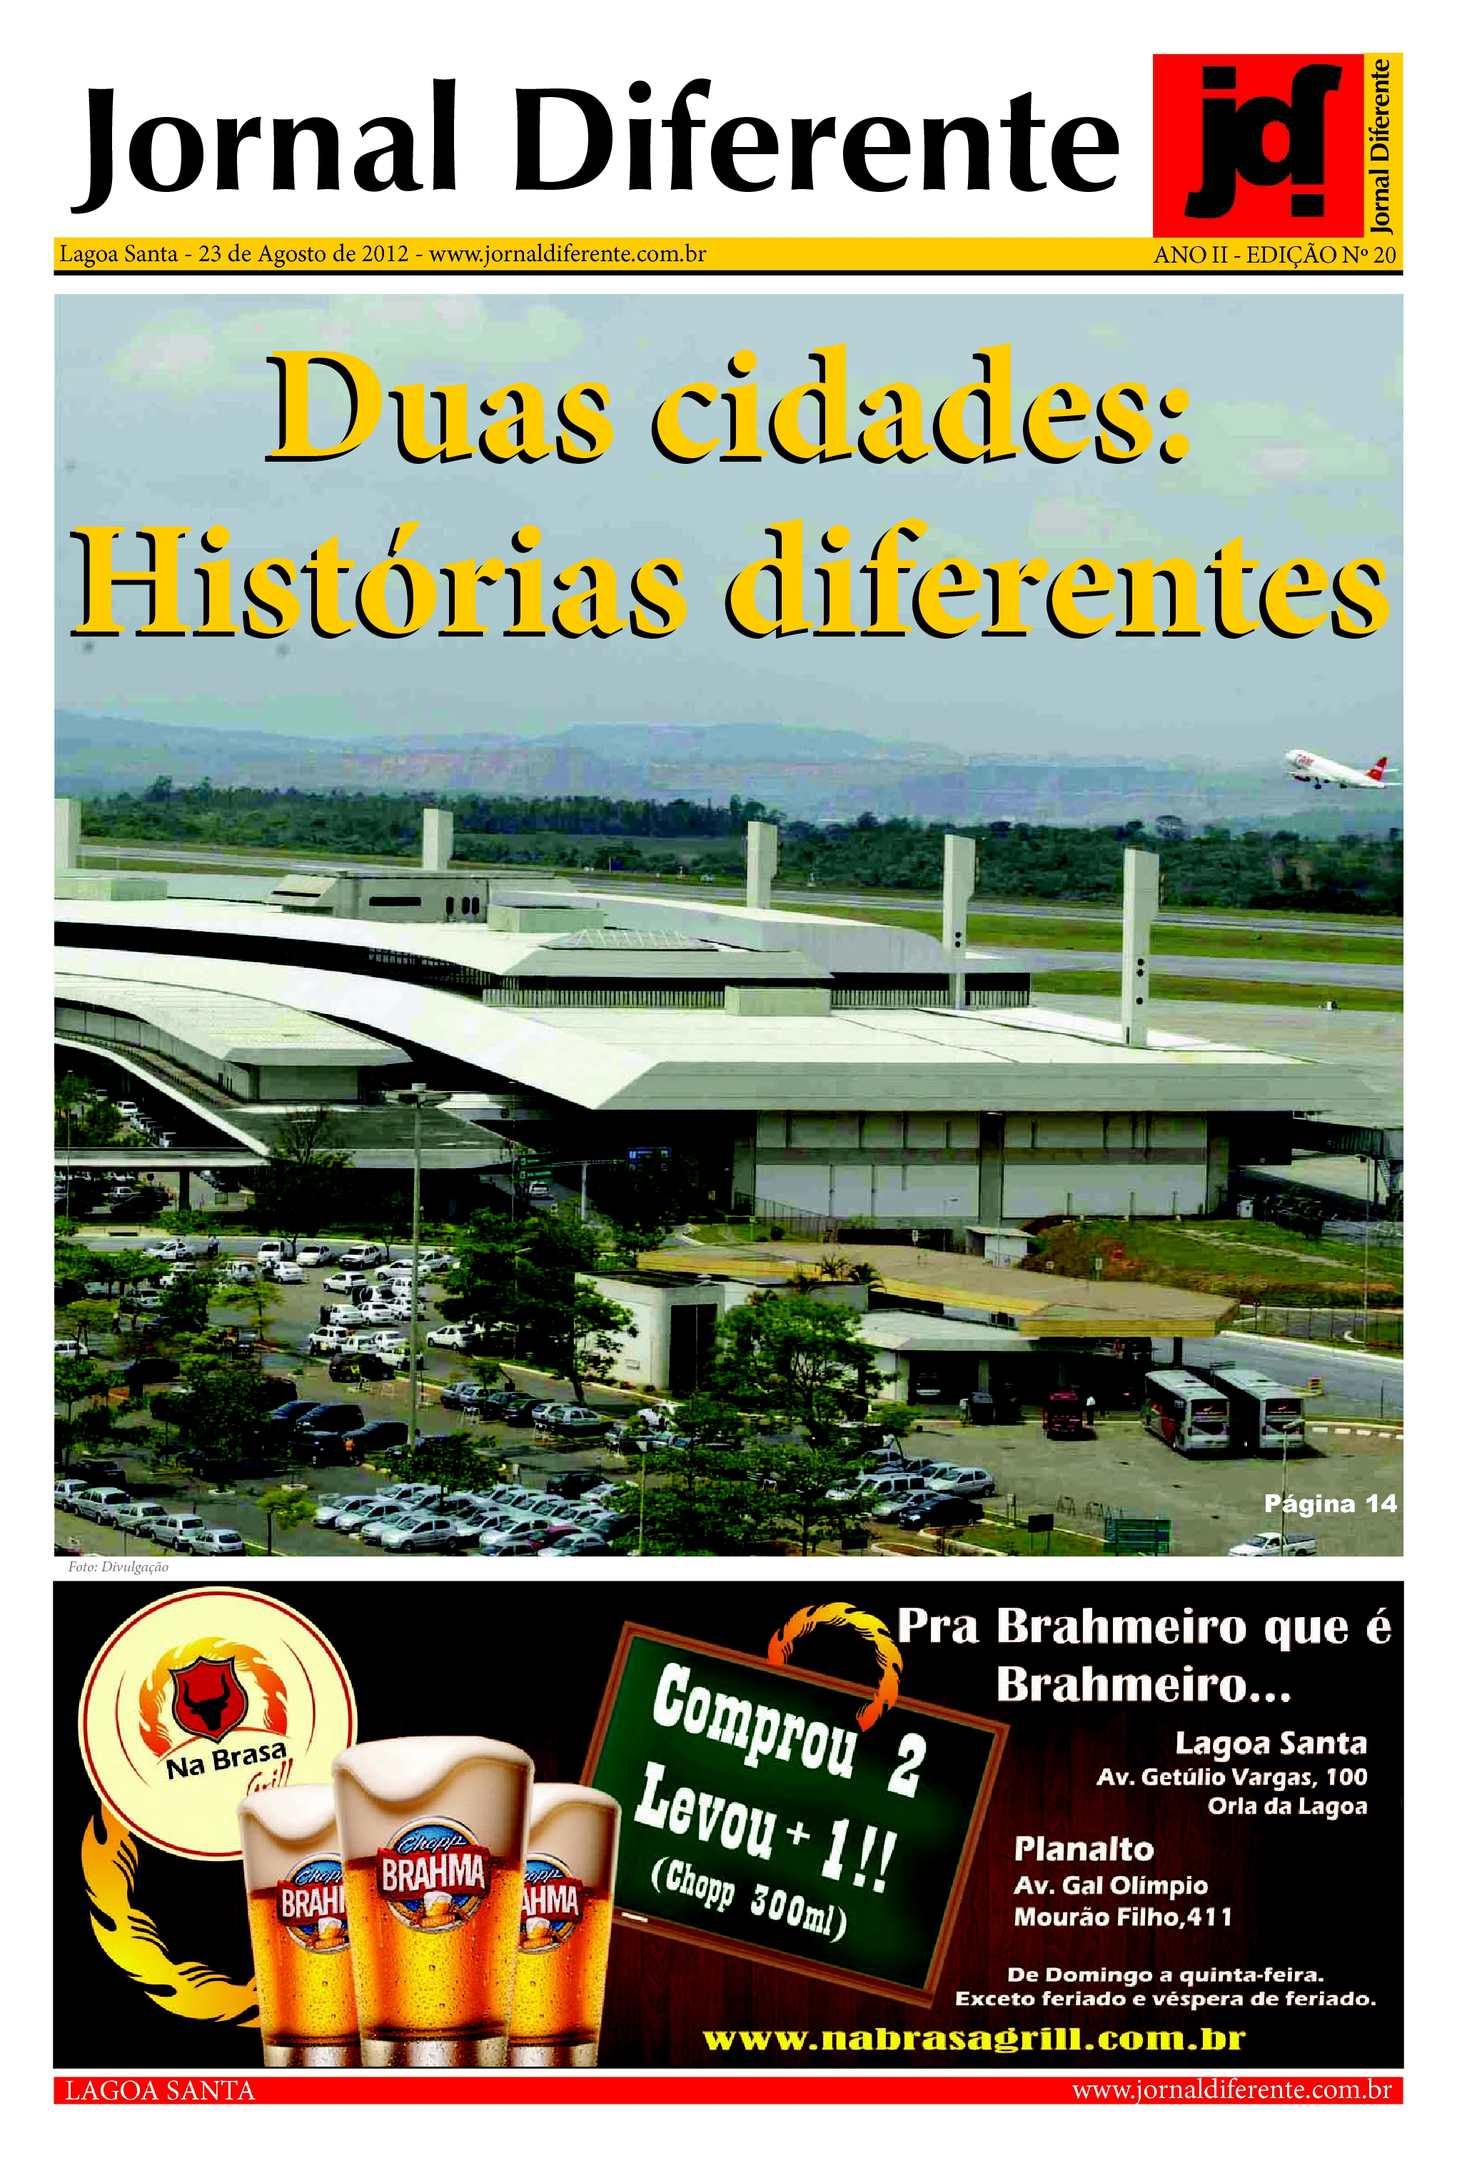 Jornal Diferente - 23 de Agosto de 2012 - Edição 20